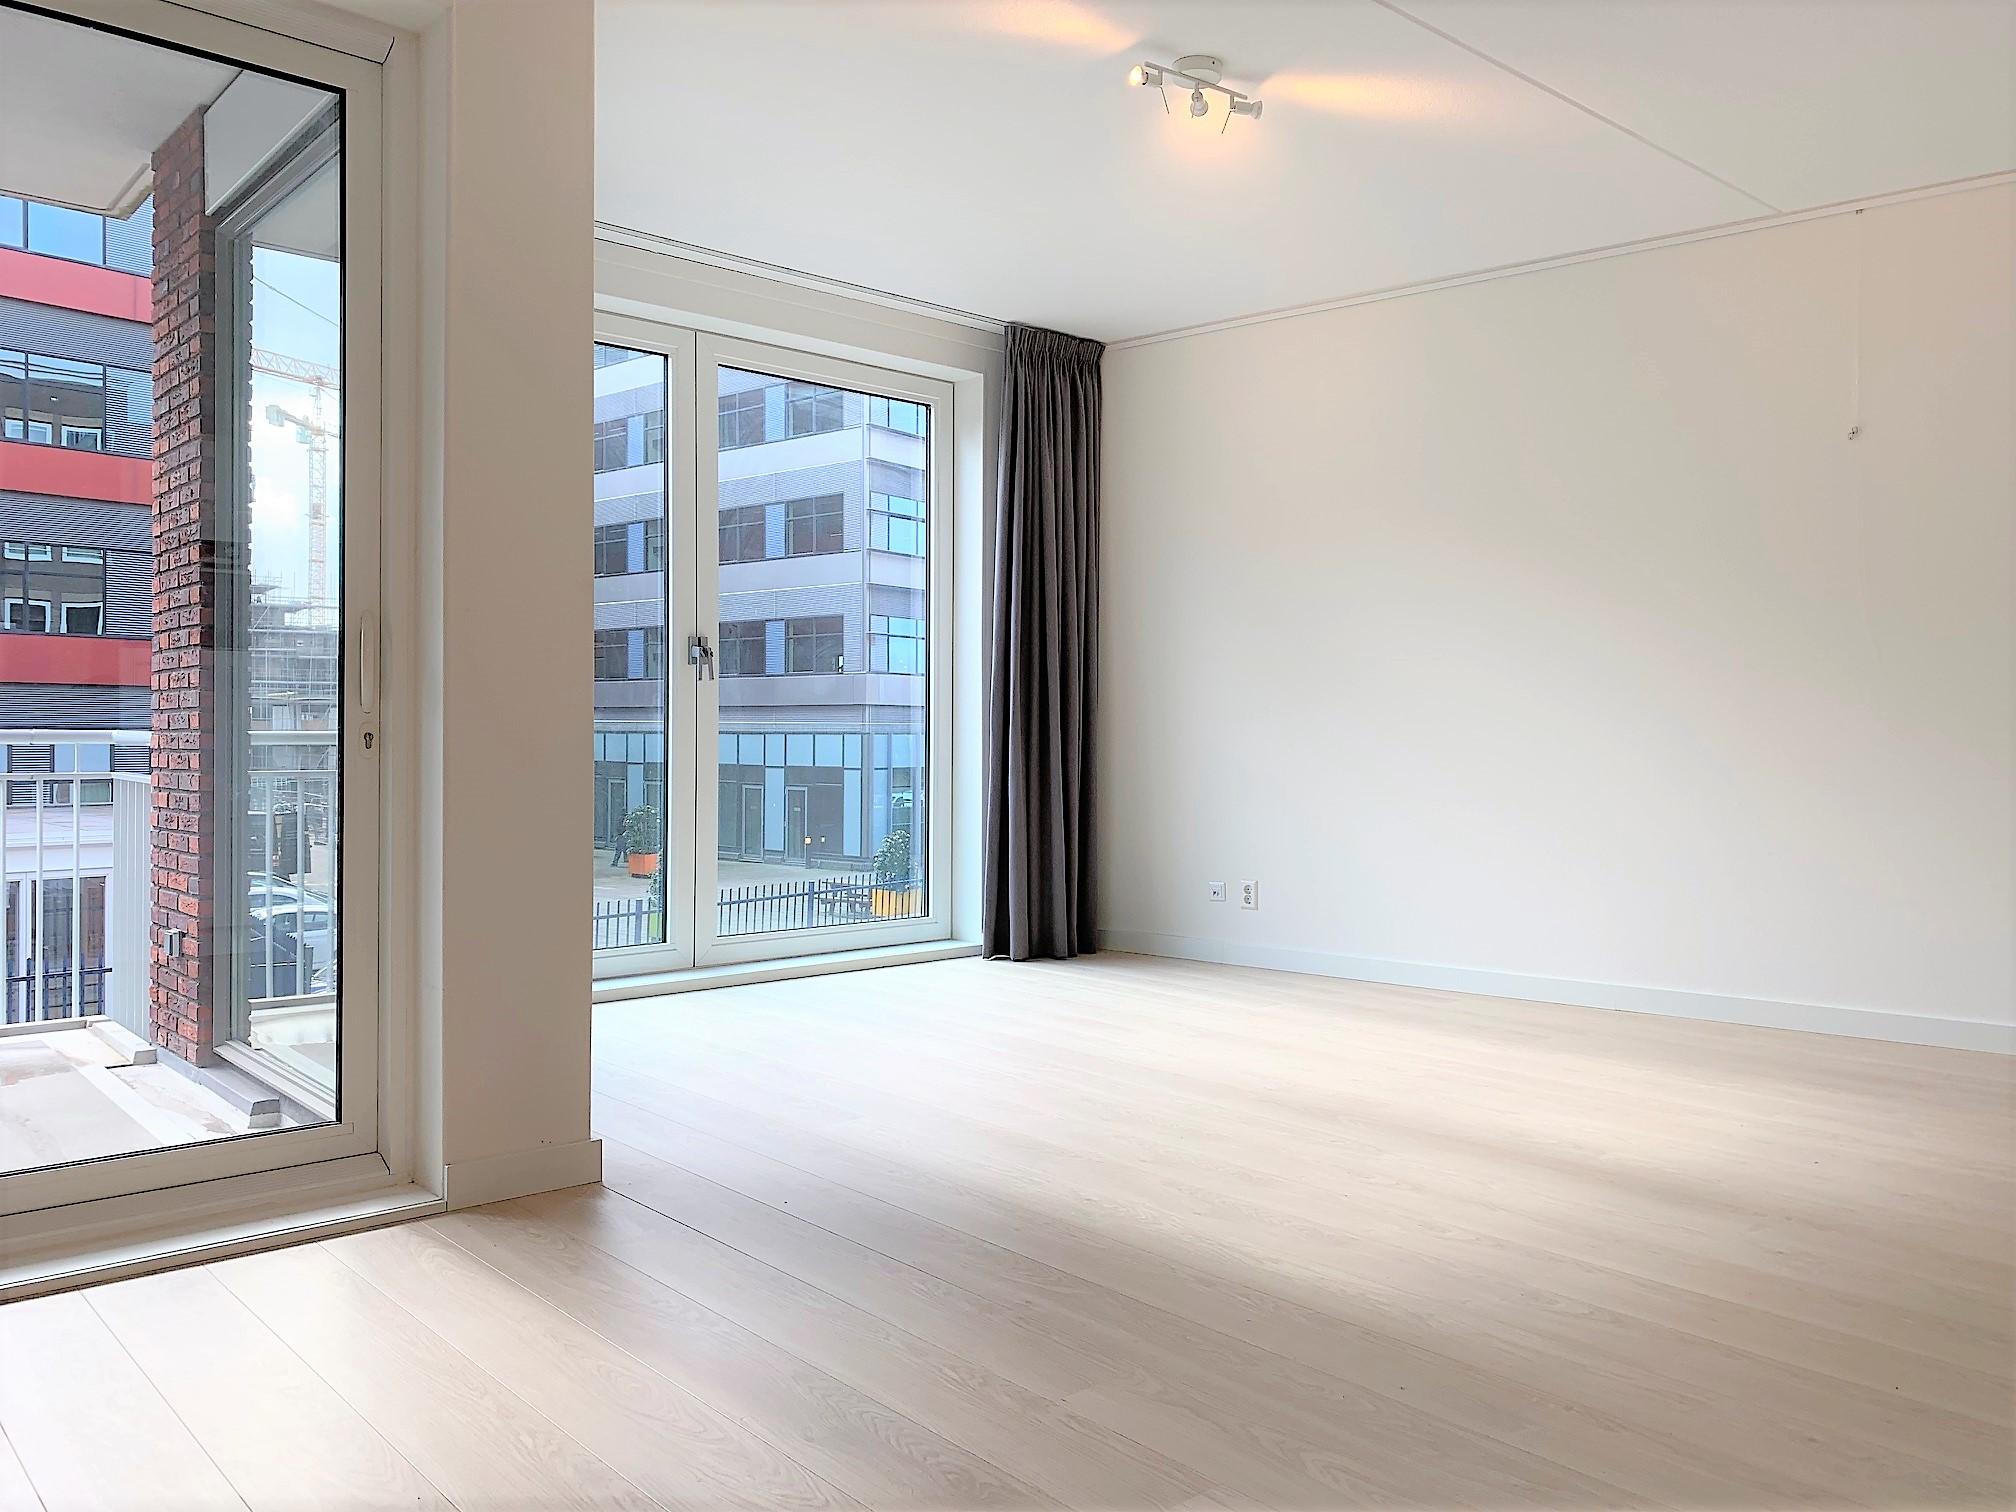 Piet Mondriaansingel, Diemen